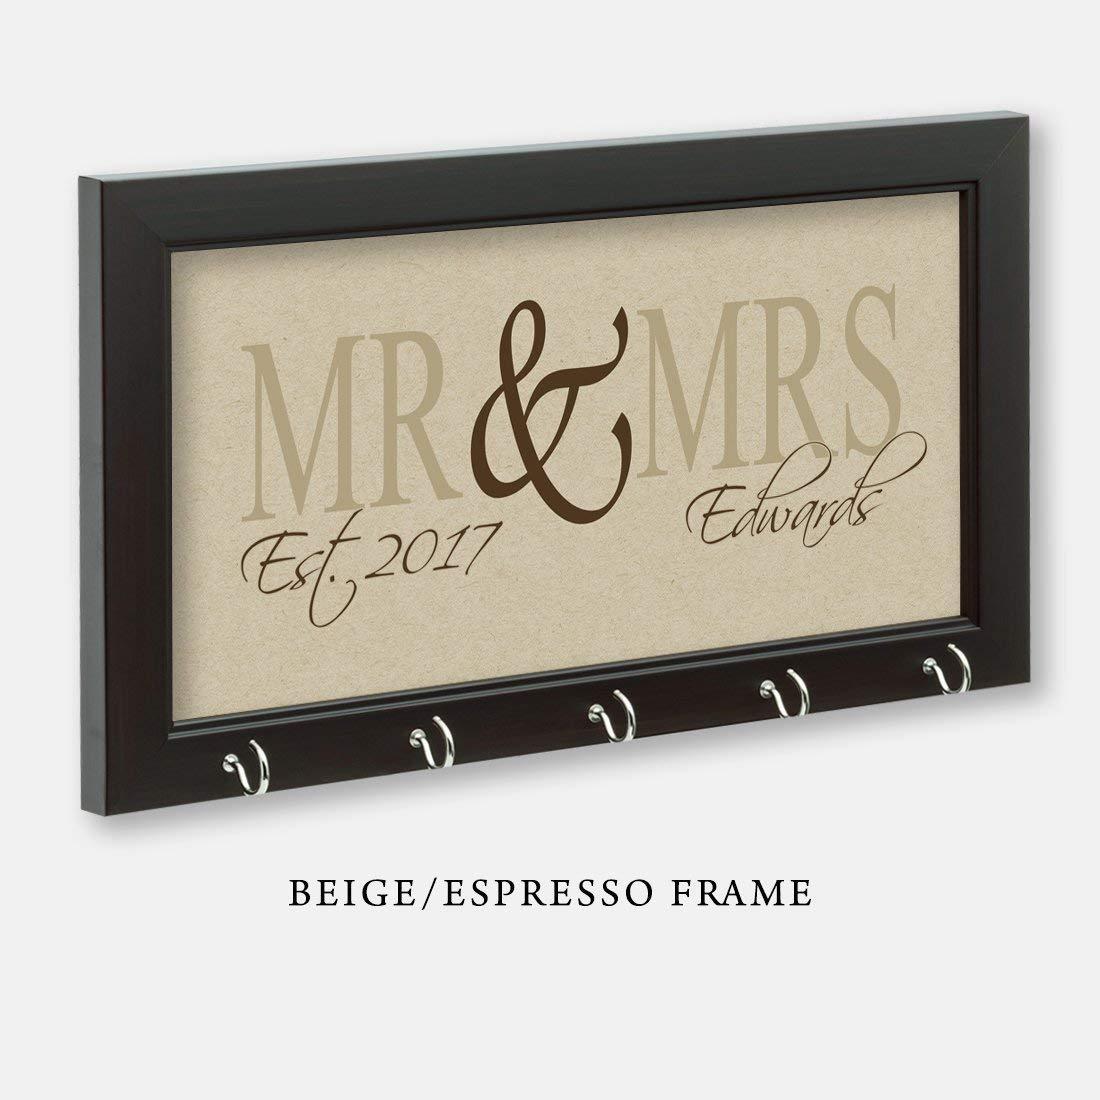 Mr & Mrs Key Holder, Key Hanger, Wall Key Rack, Wall Key Holder, Key Holders, Personalized Gift, Home, Housewarming Gift, Wedding Shower Gift, Wedding Gift